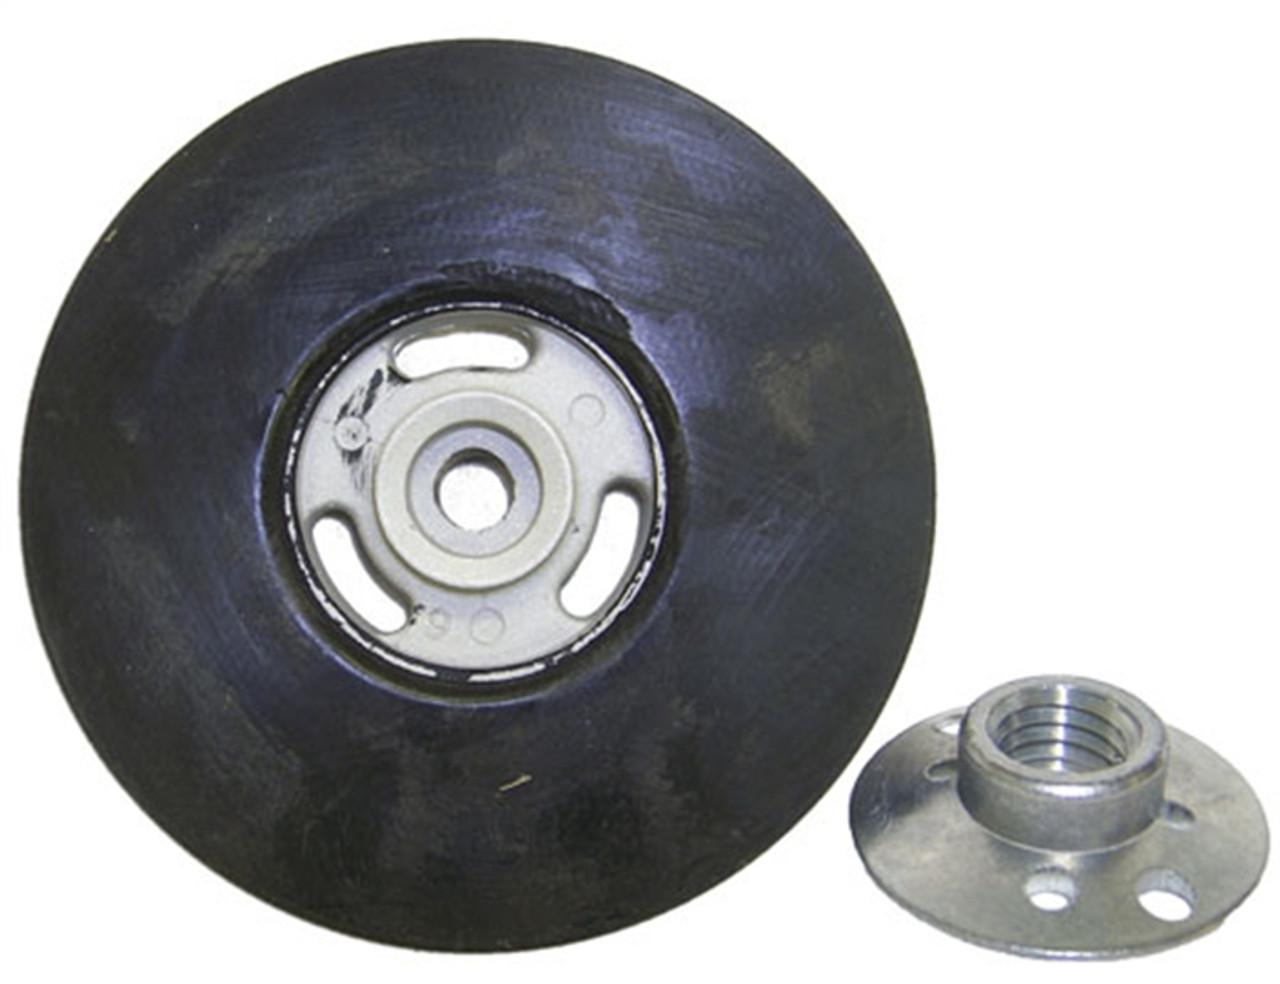 Koltec USA Resin Fibre Disc Backing Pads - Smooth Face